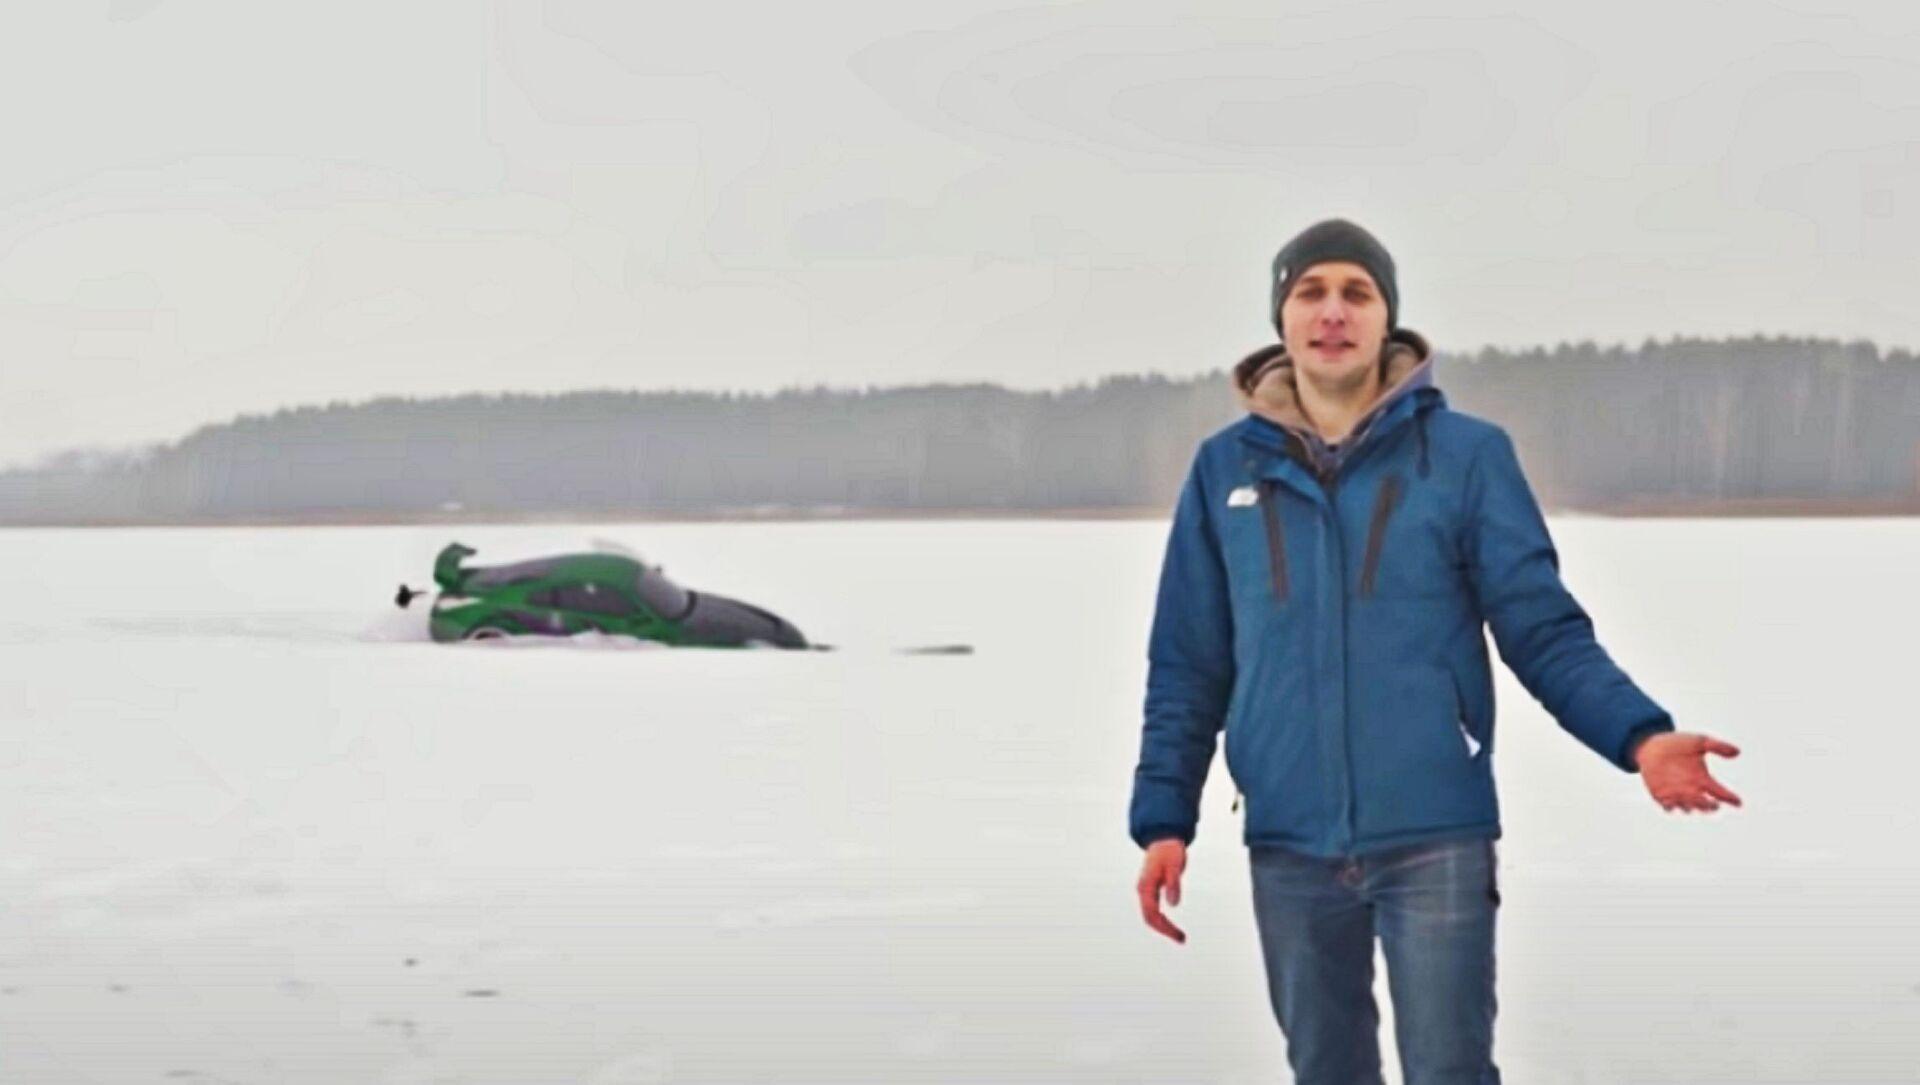 Sportcar di Need for Speed affondata in un lago: passatempo dei blogger russi - Sputnik Italia, 1920, 21.02.2021